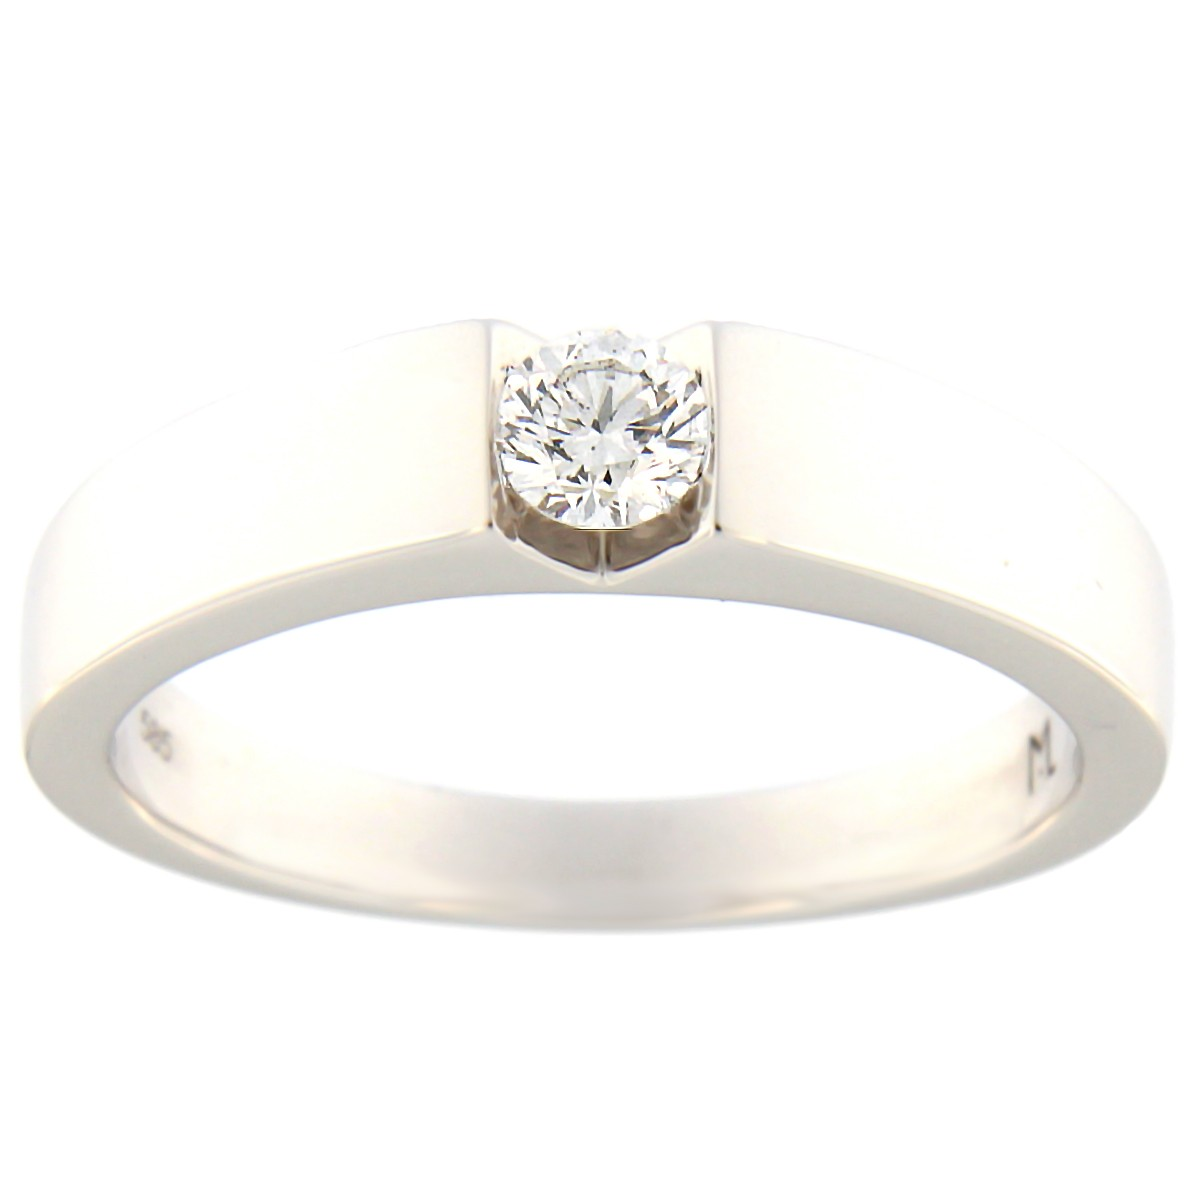 Kullast sõrmus teemantiga 0,20 ct. Kood: 64at